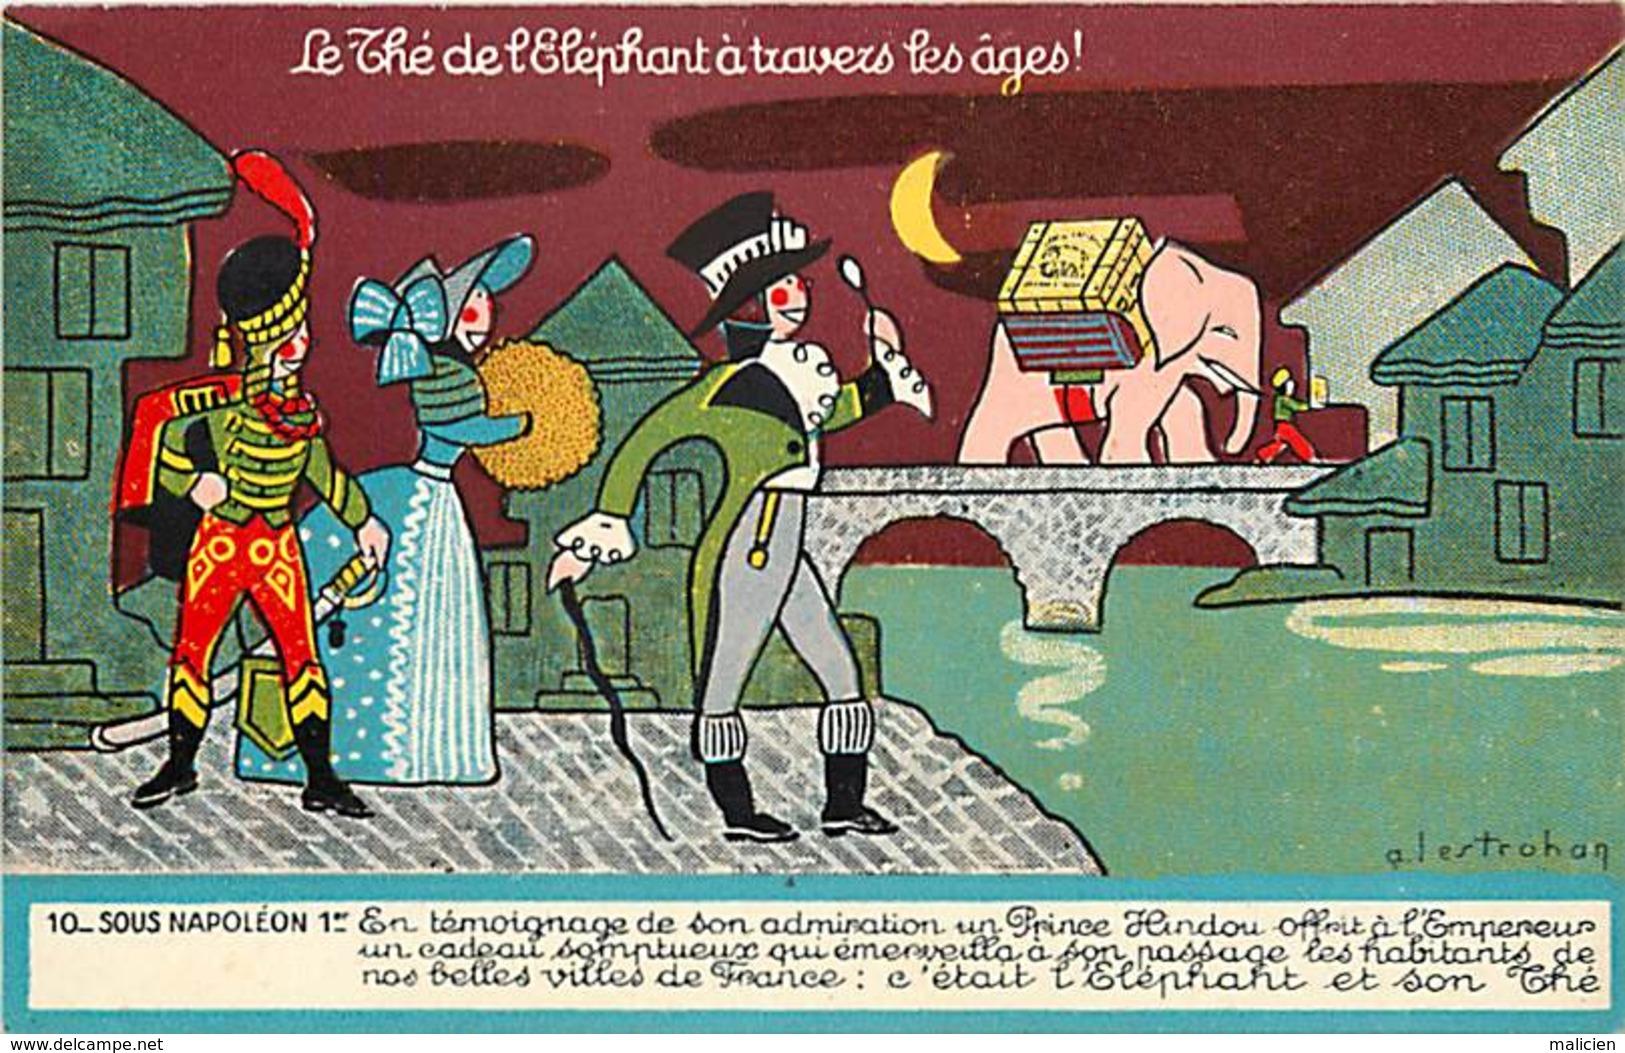 -ref-A966- Publicite - Thé De L Elephant - Sous Napoléon 1er -n° 10 - Thés - Illustateur A. Lestrohan - Illustrateurs - - Publicité